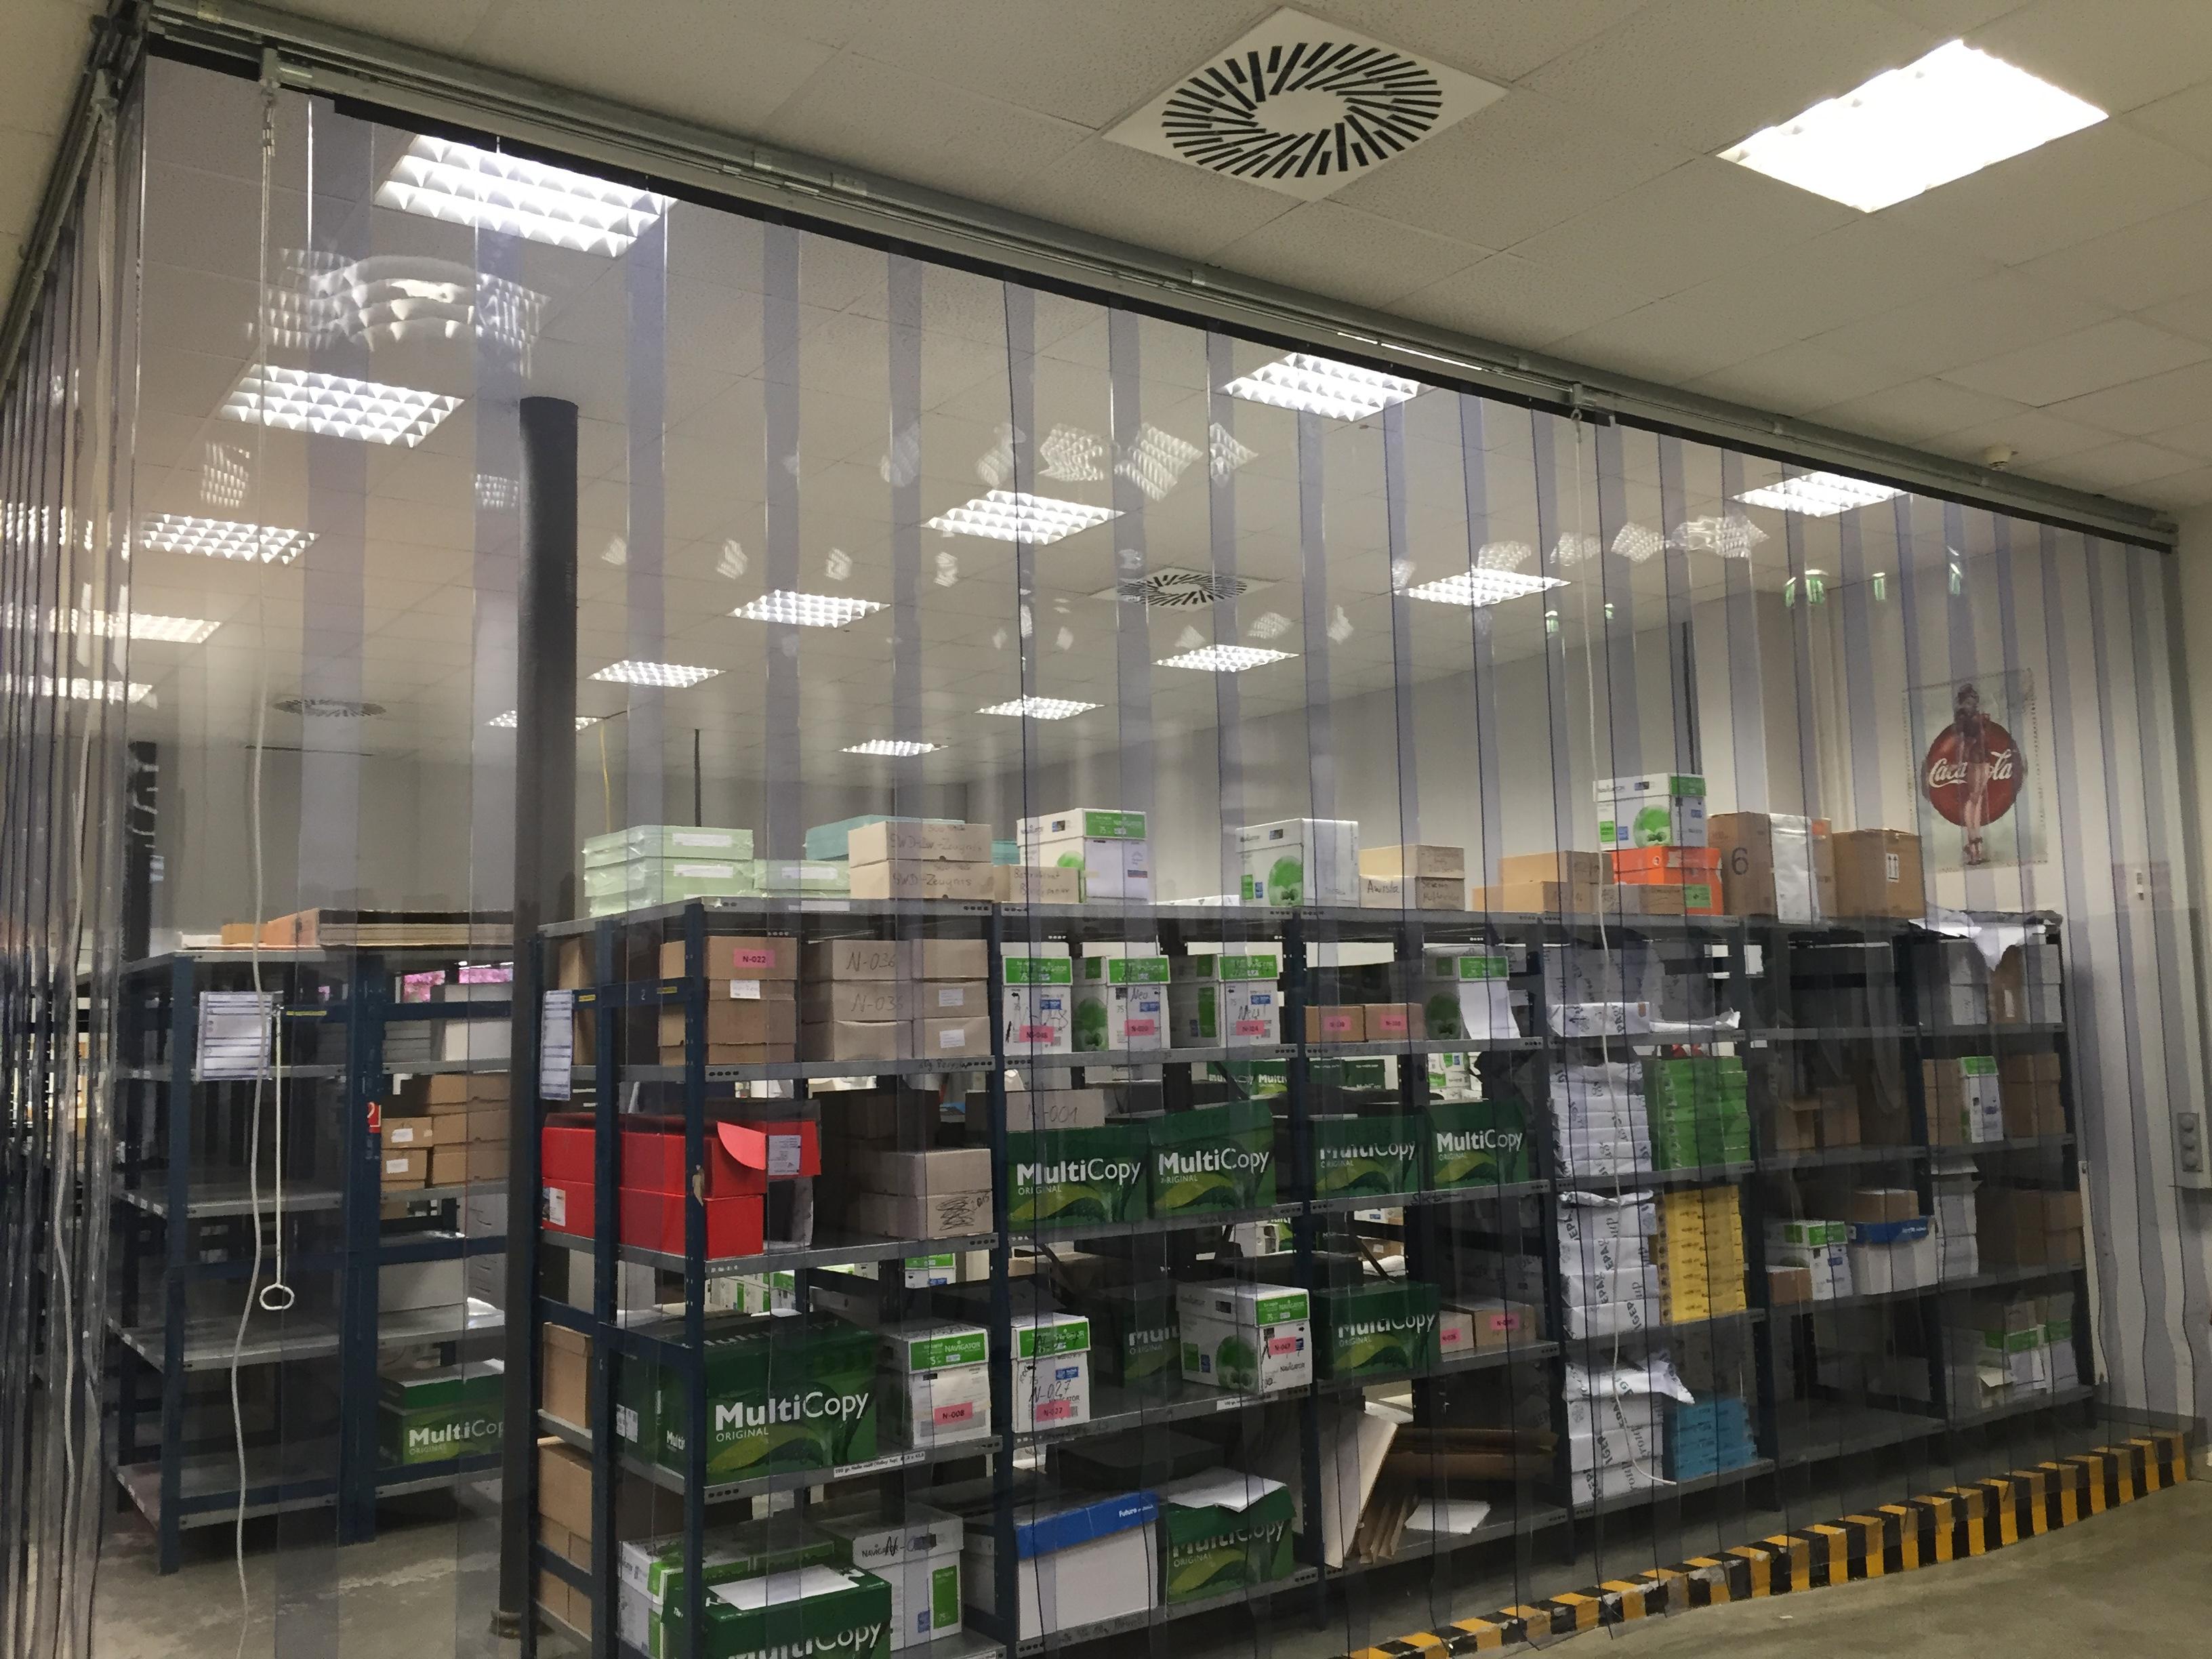 Hallenabtrennungen und Streifenvorhänge von Planex GmbH